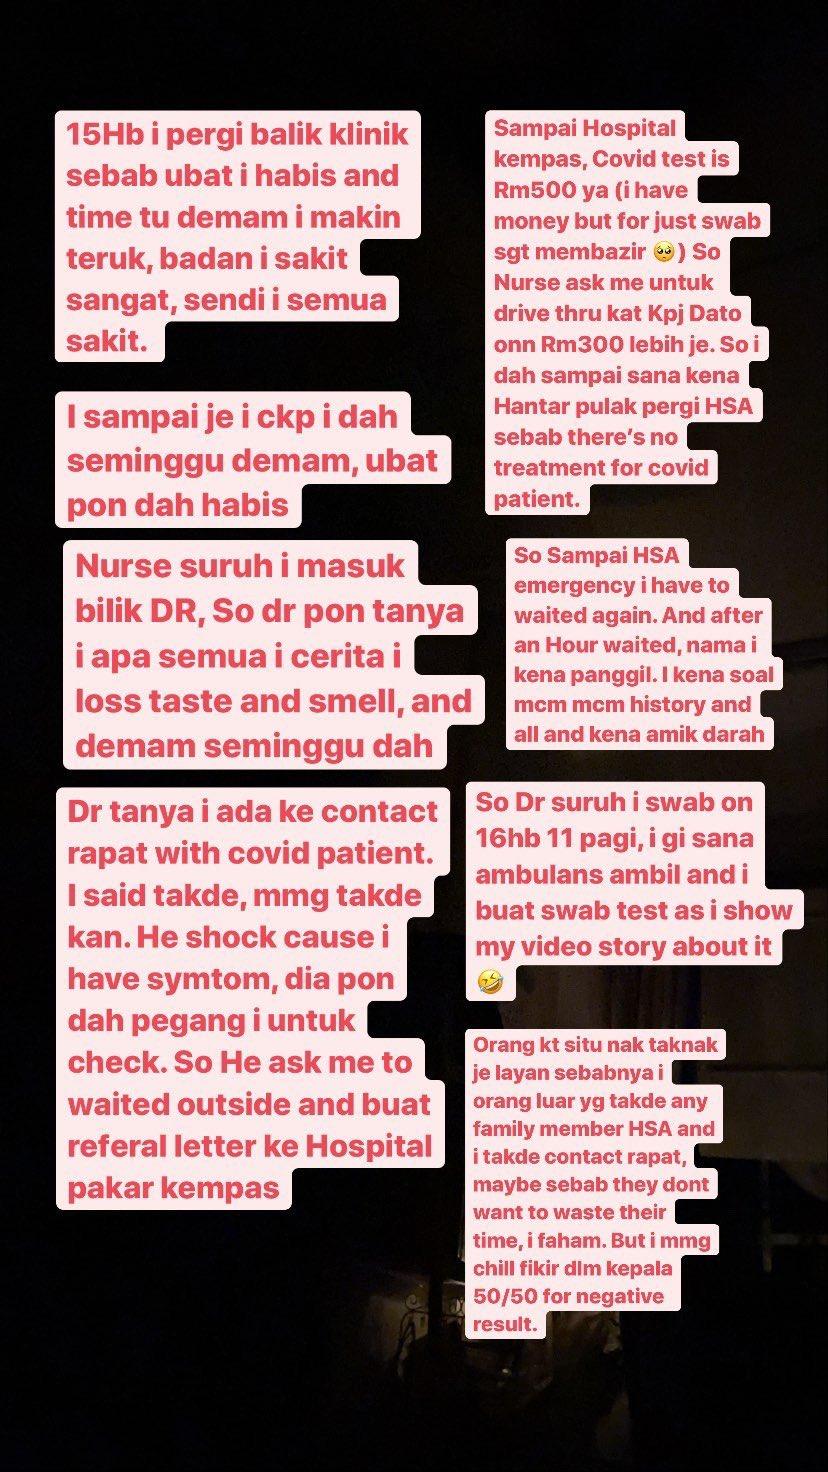 Doktor Ingat Tanda Demam Denggi, Gadis Tak Sangka Rupanya Positif COVID-19